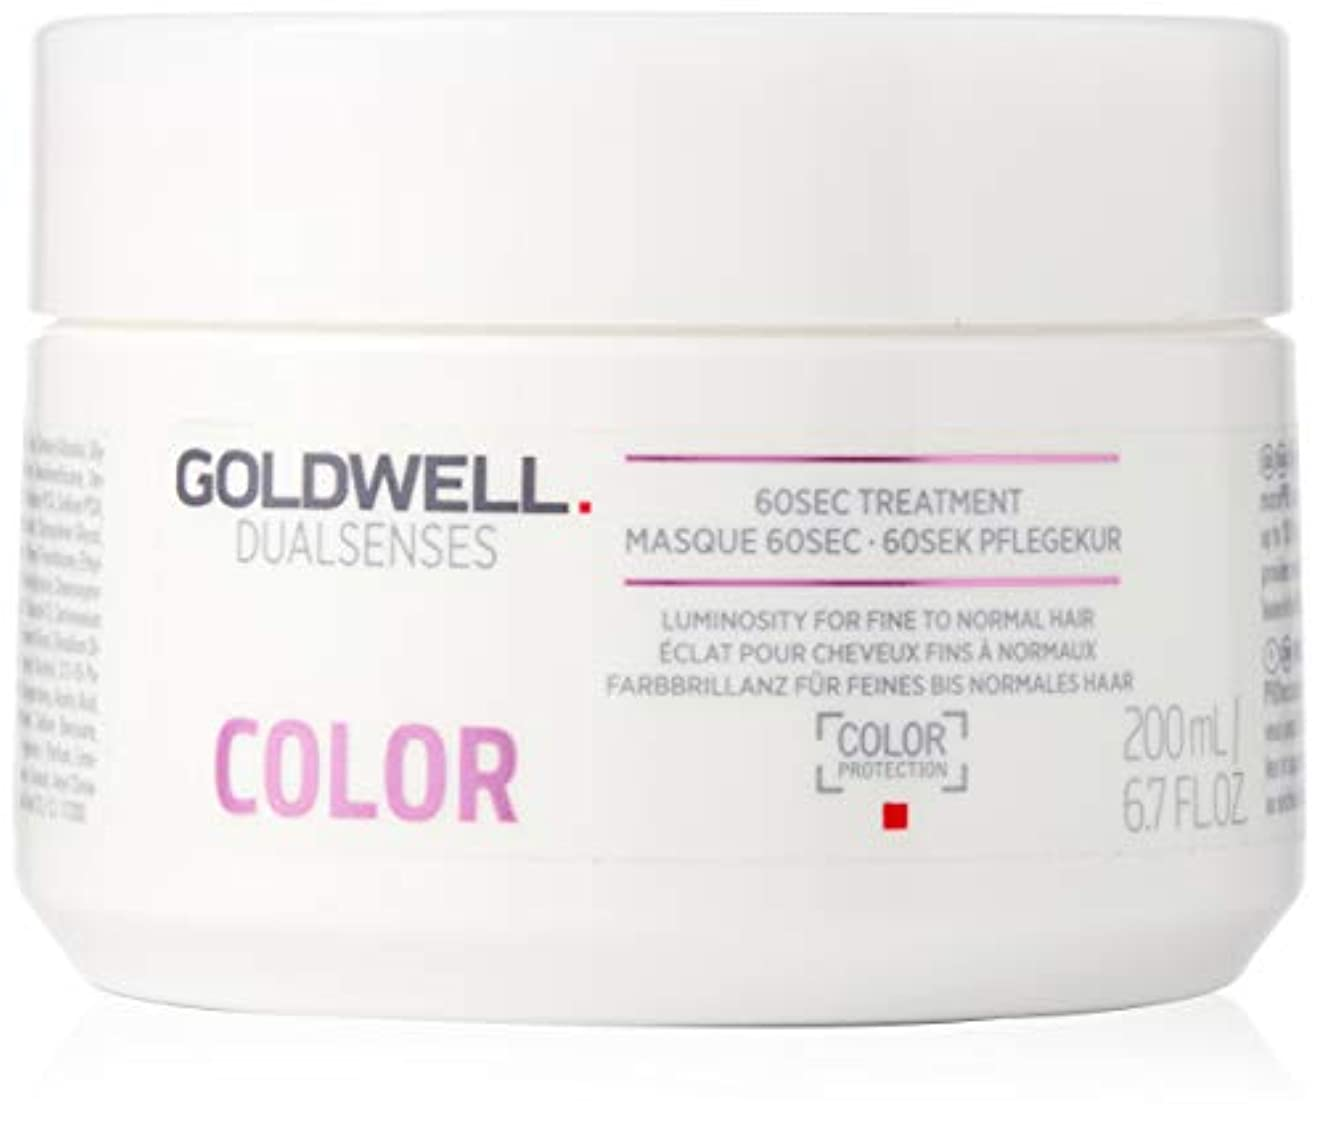 偽物用心深い適用済みゴールドウェル Dual Senses Color 60Sec Treatment (Luminosity For Fine to Normal Hair) 200ml